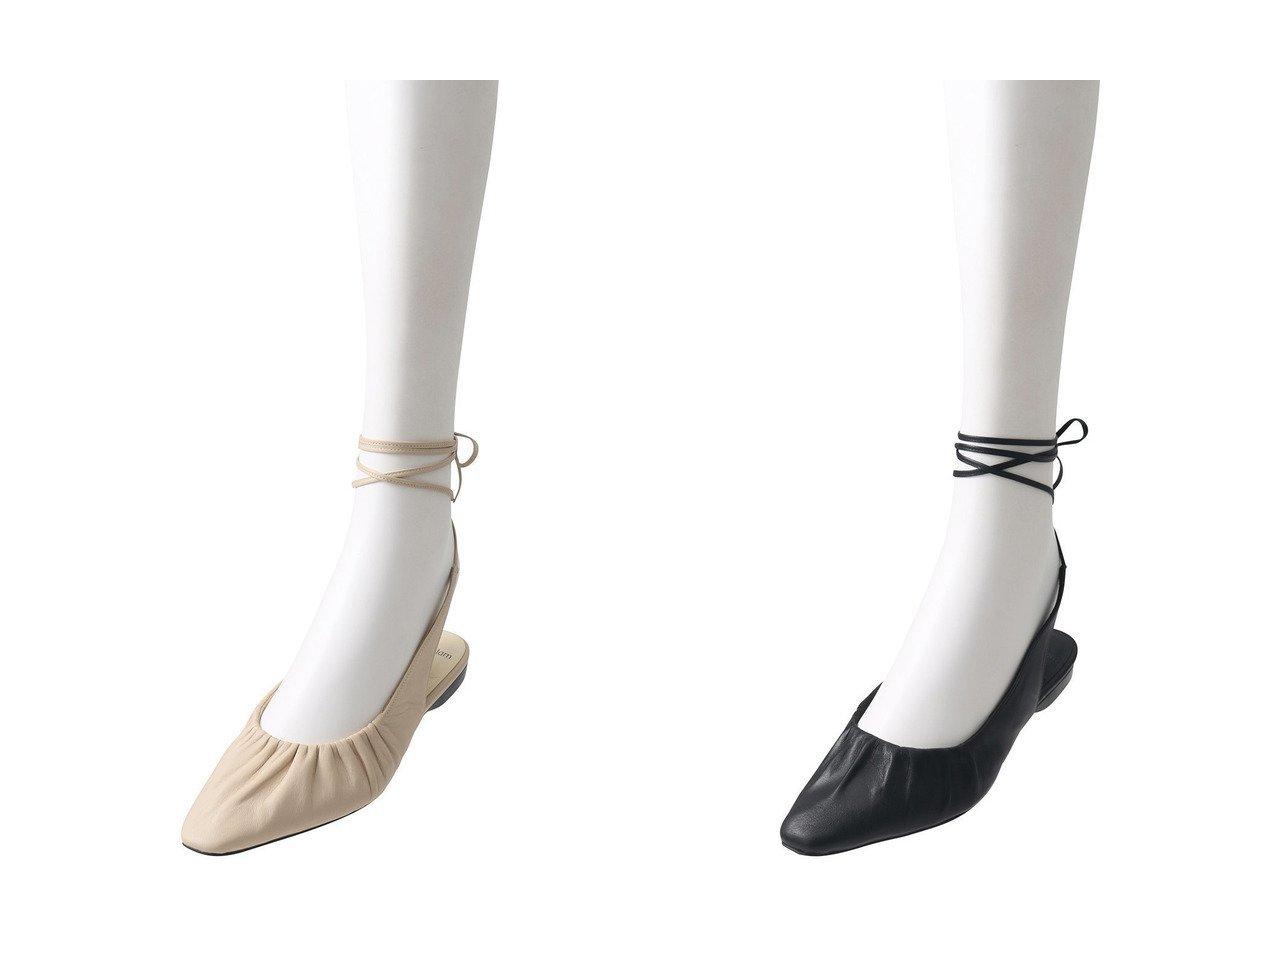 【ESSEN LAUTREAMONT/エッセン ロートレアモン】の【quartierglam】レースアップシューズ 【シューズ・靴】おすすめ!人気、トレンド・レディースファッションの通販 おすすめで人気の流行・トレンド、ファッションの通販商品 インテリア・家具・メンズファッション・キッズファッション・レディースファッション・服の通販 founy(ファニー) https://founy.com/ ファッション Fashion レディースファッション WOMEN なめらか ガーリー ギャザー シューズ フラット レース |ID:crp329100000040303